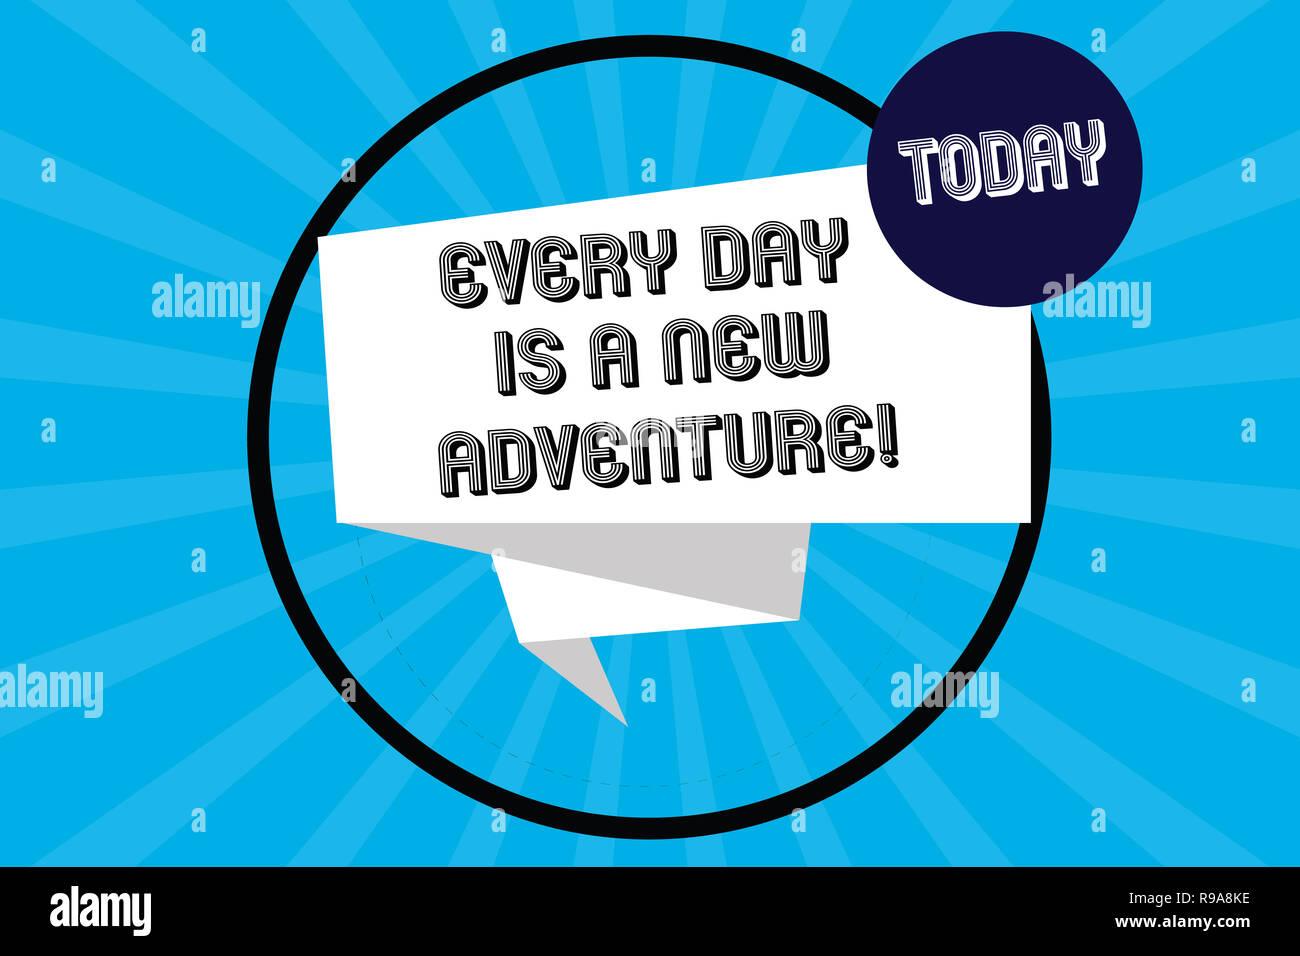 Texto de escritura cada día es una nueva aventura. Concepto Significado. Comience el día con positivismo motivación plegada tira de cinta en 3D dentro del Círculo en bucle Imagen De Stock